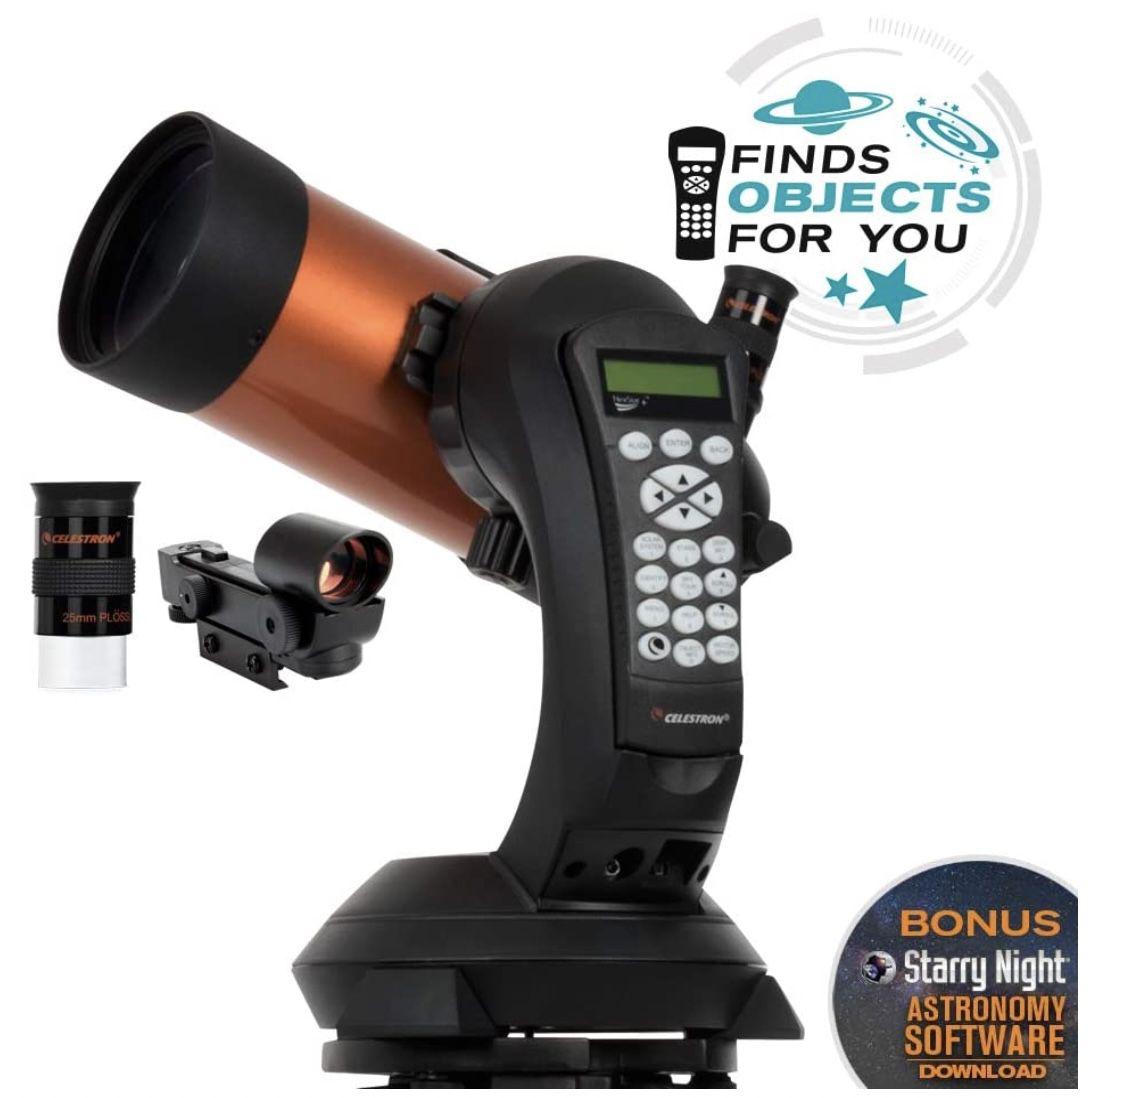 Celestron 11049 NexStar 4 SE computergesteuertes Teleskop für 598,33€ (809€)